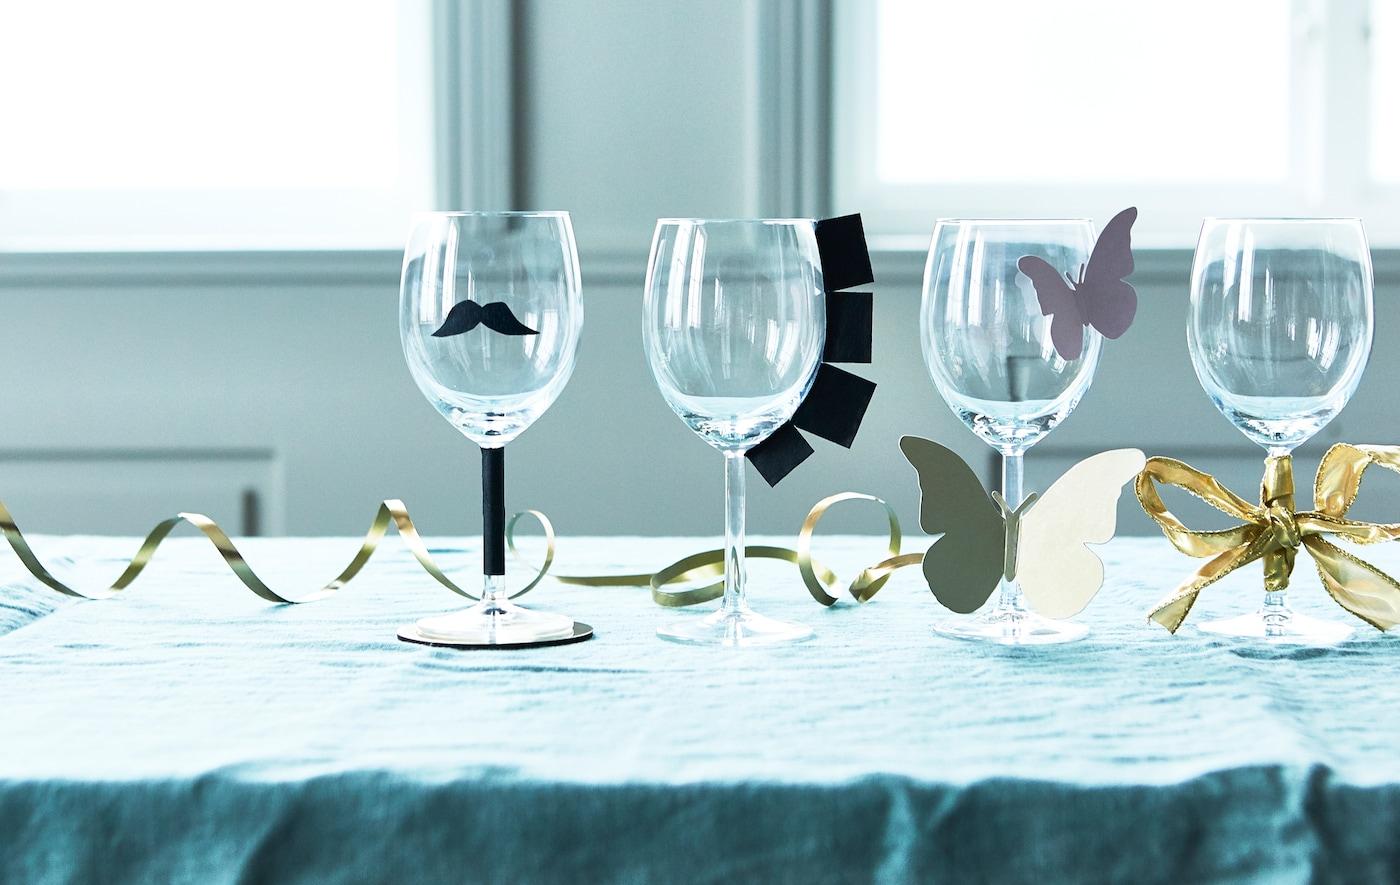 Deixe os seus convidados exercitarem a sua criatividade com trabalhos manuais divertidos com copos de vinho.